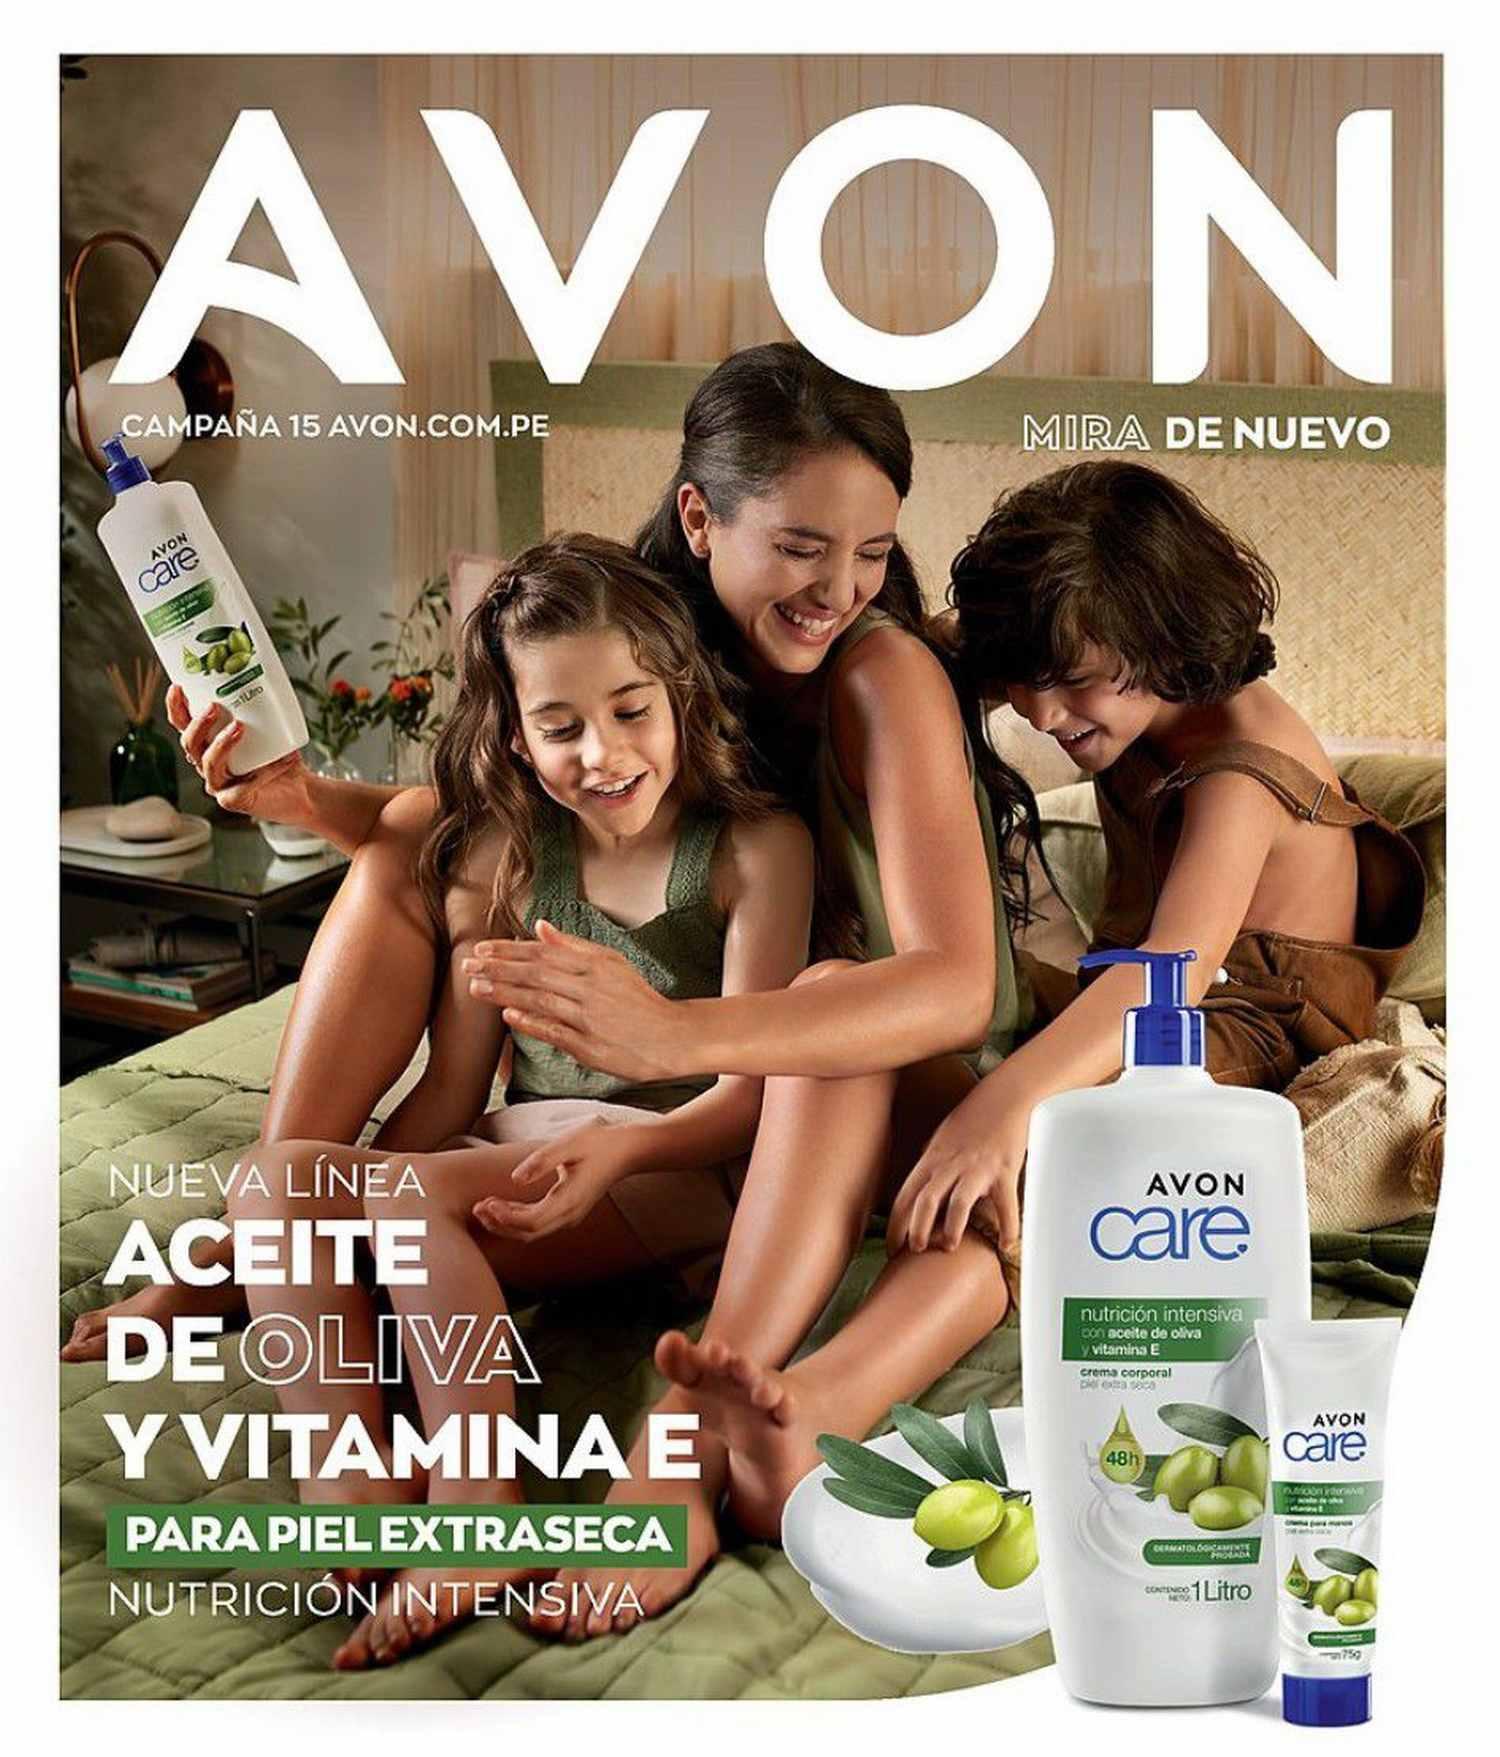 Catálogo Avon Campaña 15 2021 Perú